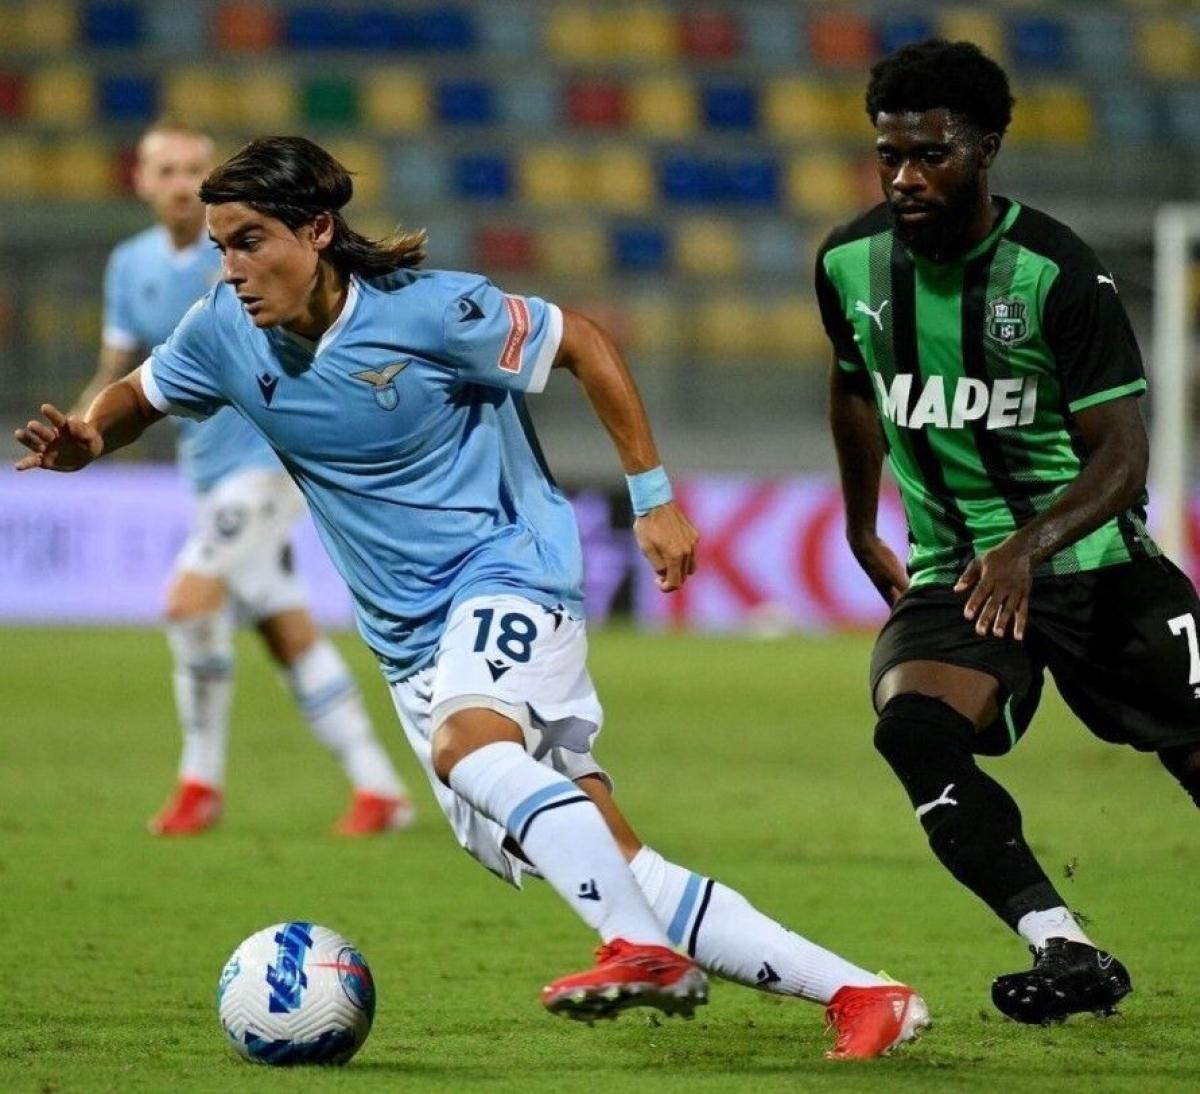 Luka Romero (Lazio / Argentina) - Dù chưa tròn 17 tuổi nhưng Romero đã được ra sân ở cả La Liga lẫn Serie A (2 trong số 5 giải đấu hàng đầu châu Âu). Tiền vệ cao 1m65 hiện đang khoác áo Lazio.